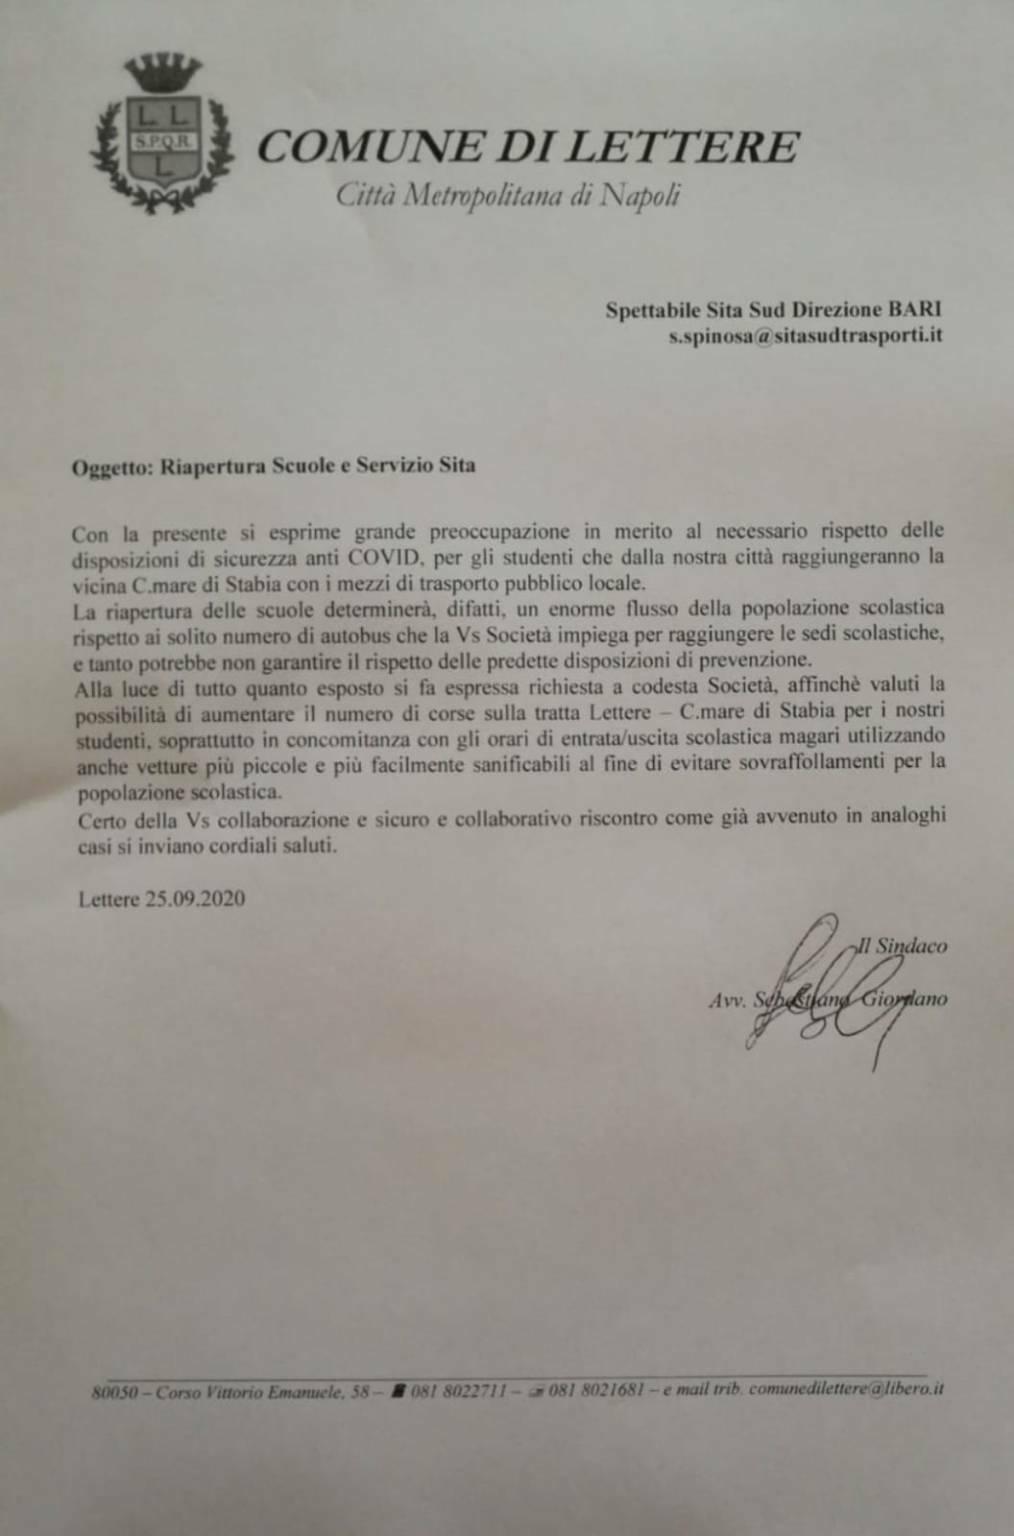 Lettere. Ripartenza delle scuole, il sindaco scrive alla Sita